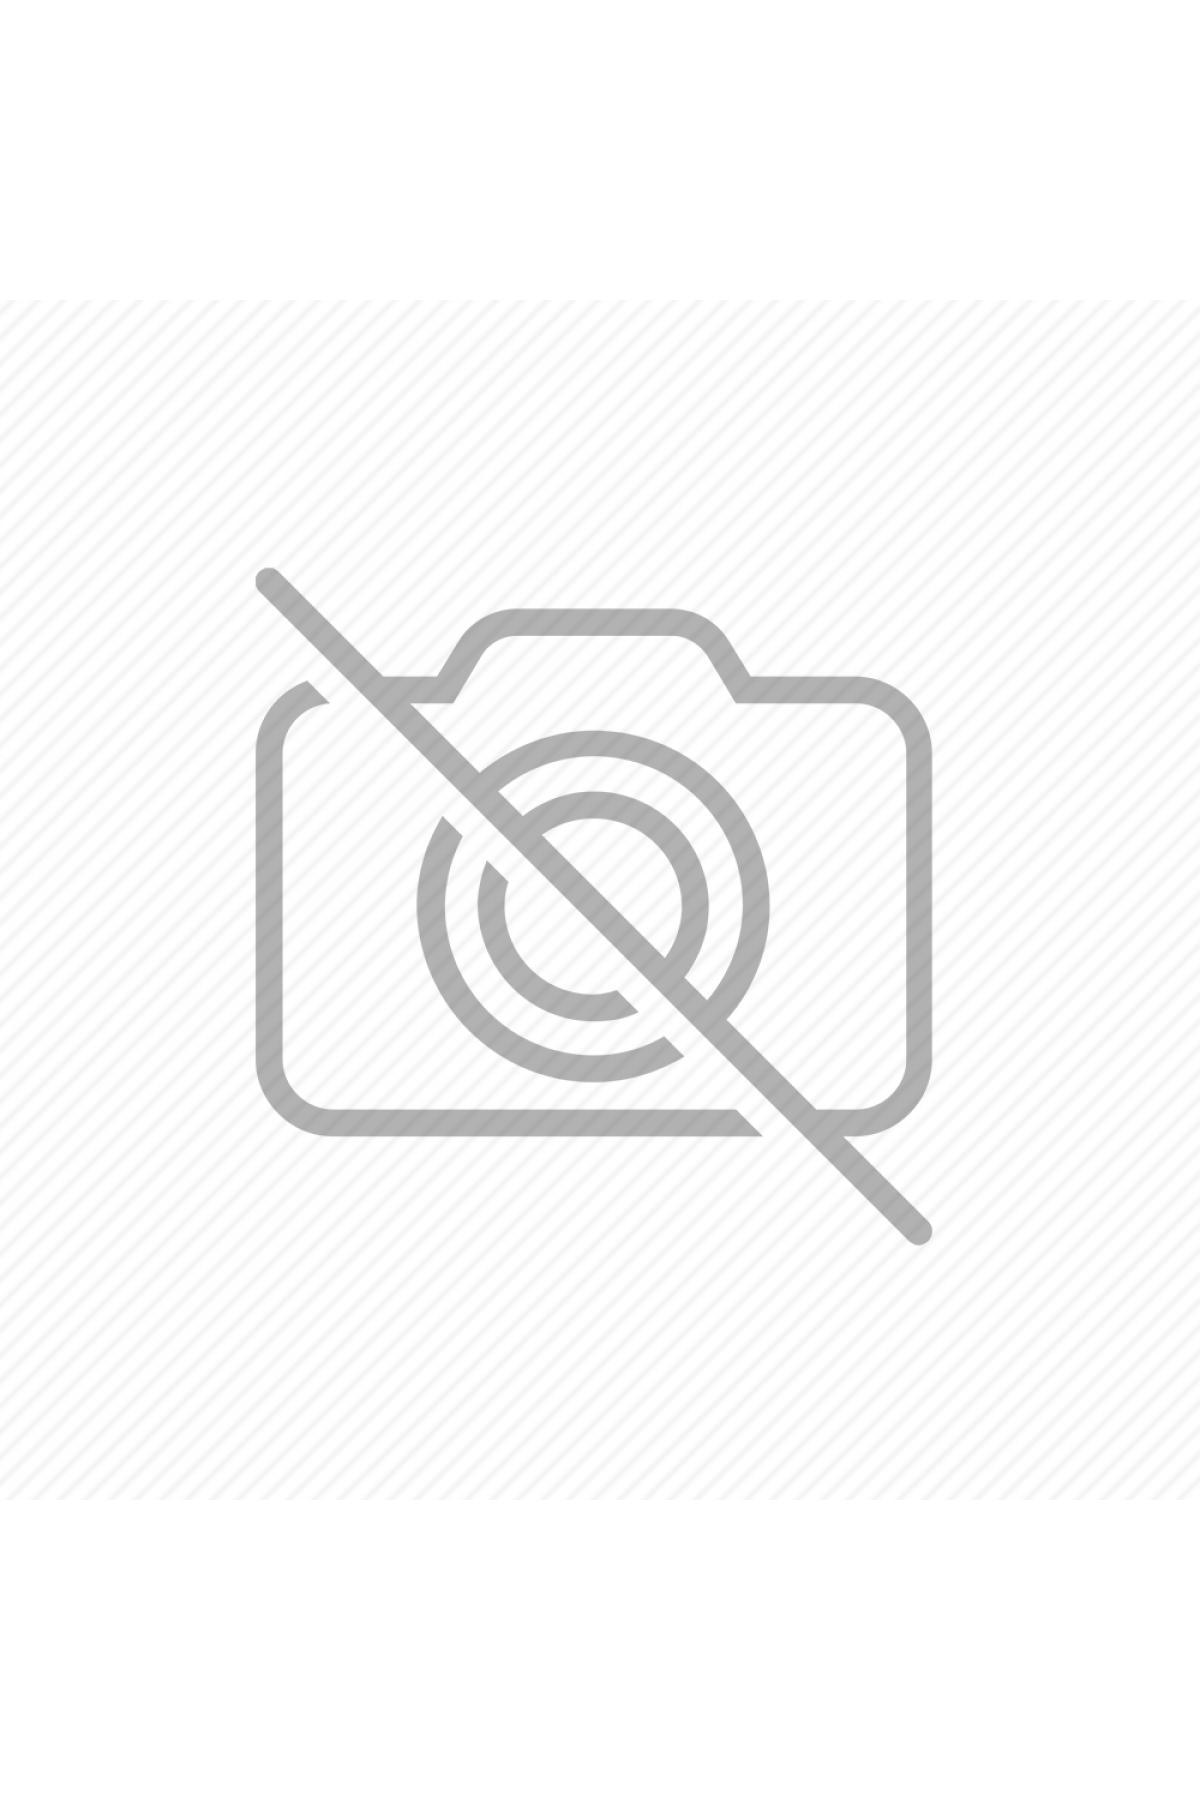 Evsimo Ales Kitaplık Üçlü Mobilya Beyaz